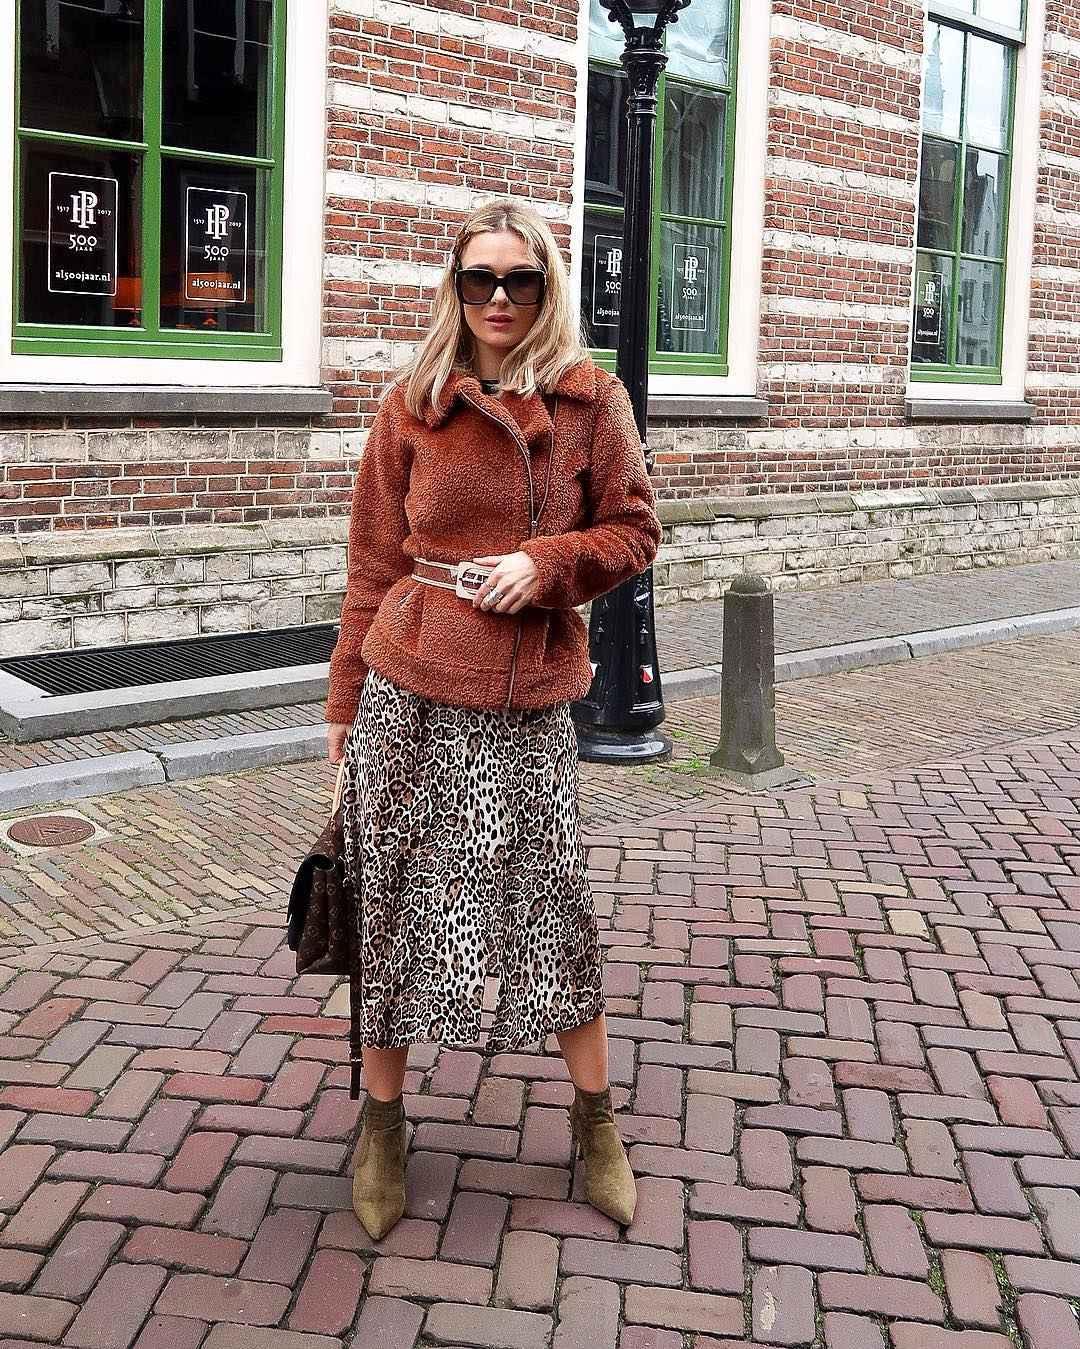 С чем носить длинную леопардовую юбку фото_3